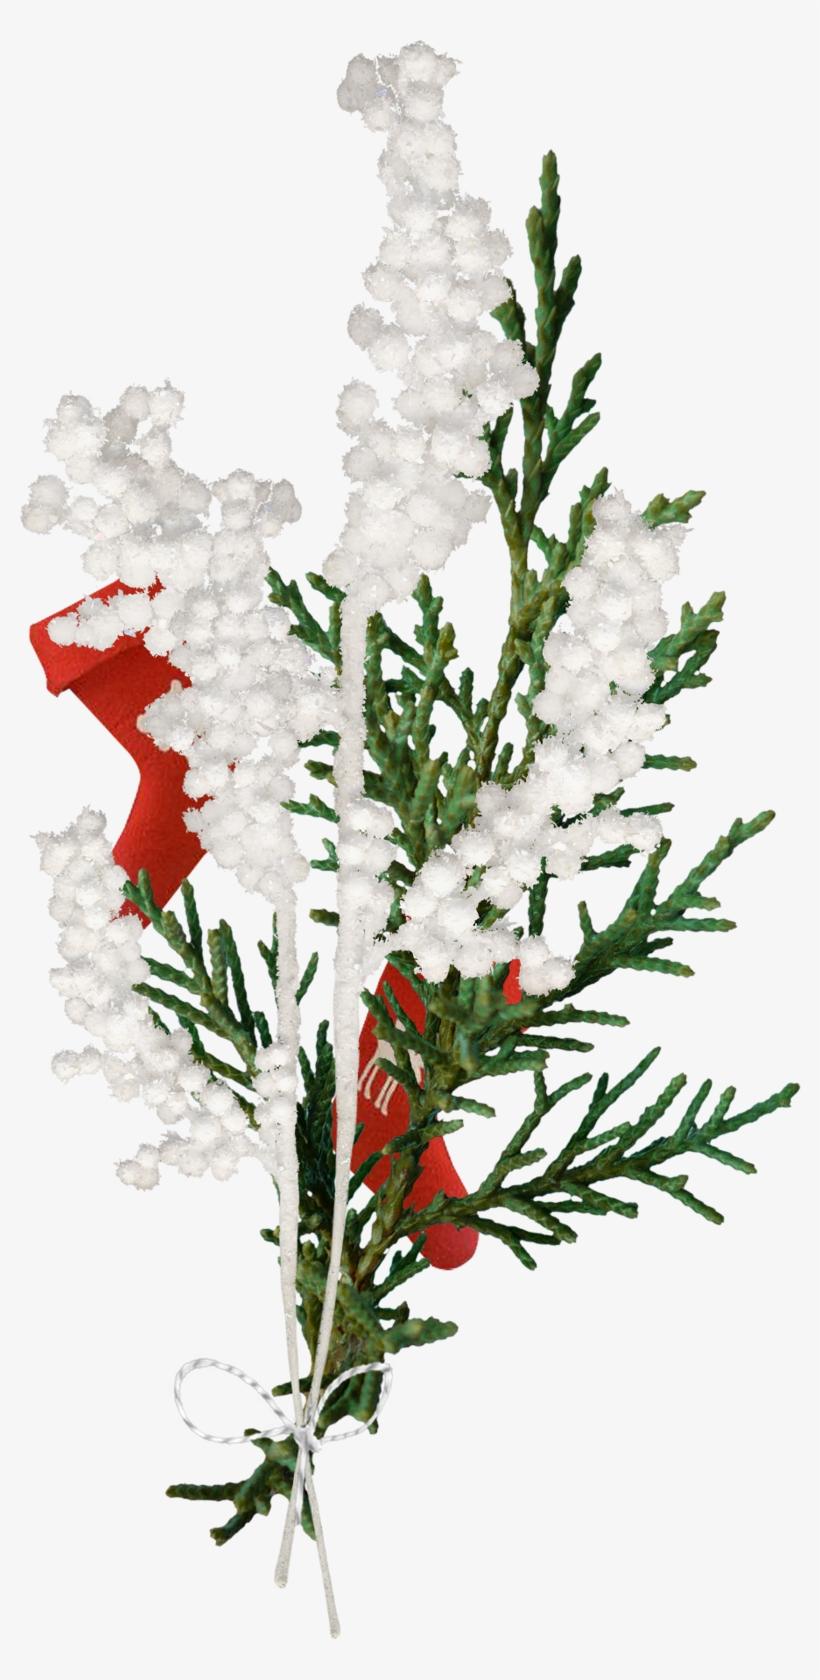 Фото, Автор Manul На Яндекс - Christmas Tree, transparent png #8275258